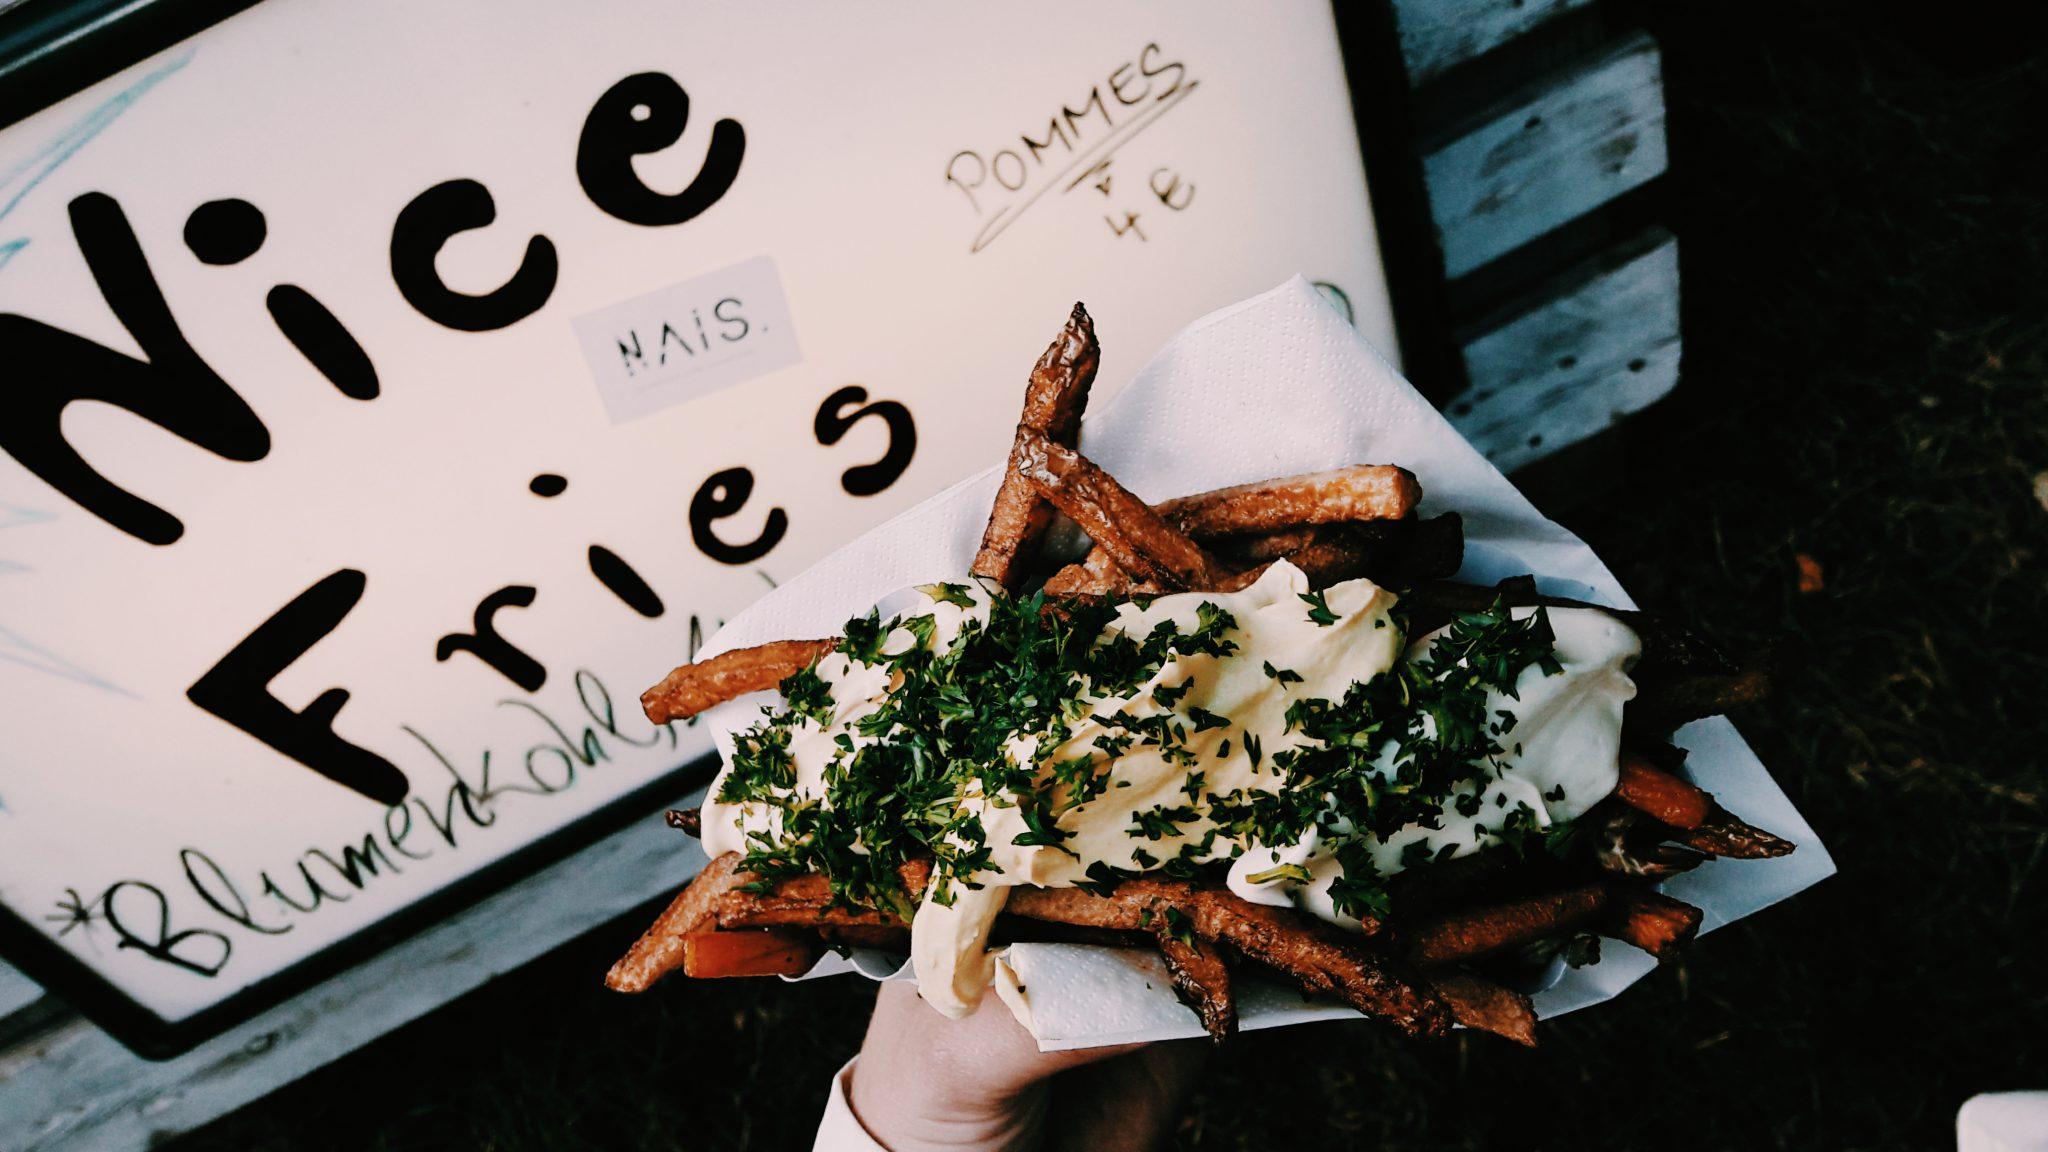 Nice Fries aus gesundem Gemüse und leckeren Dips